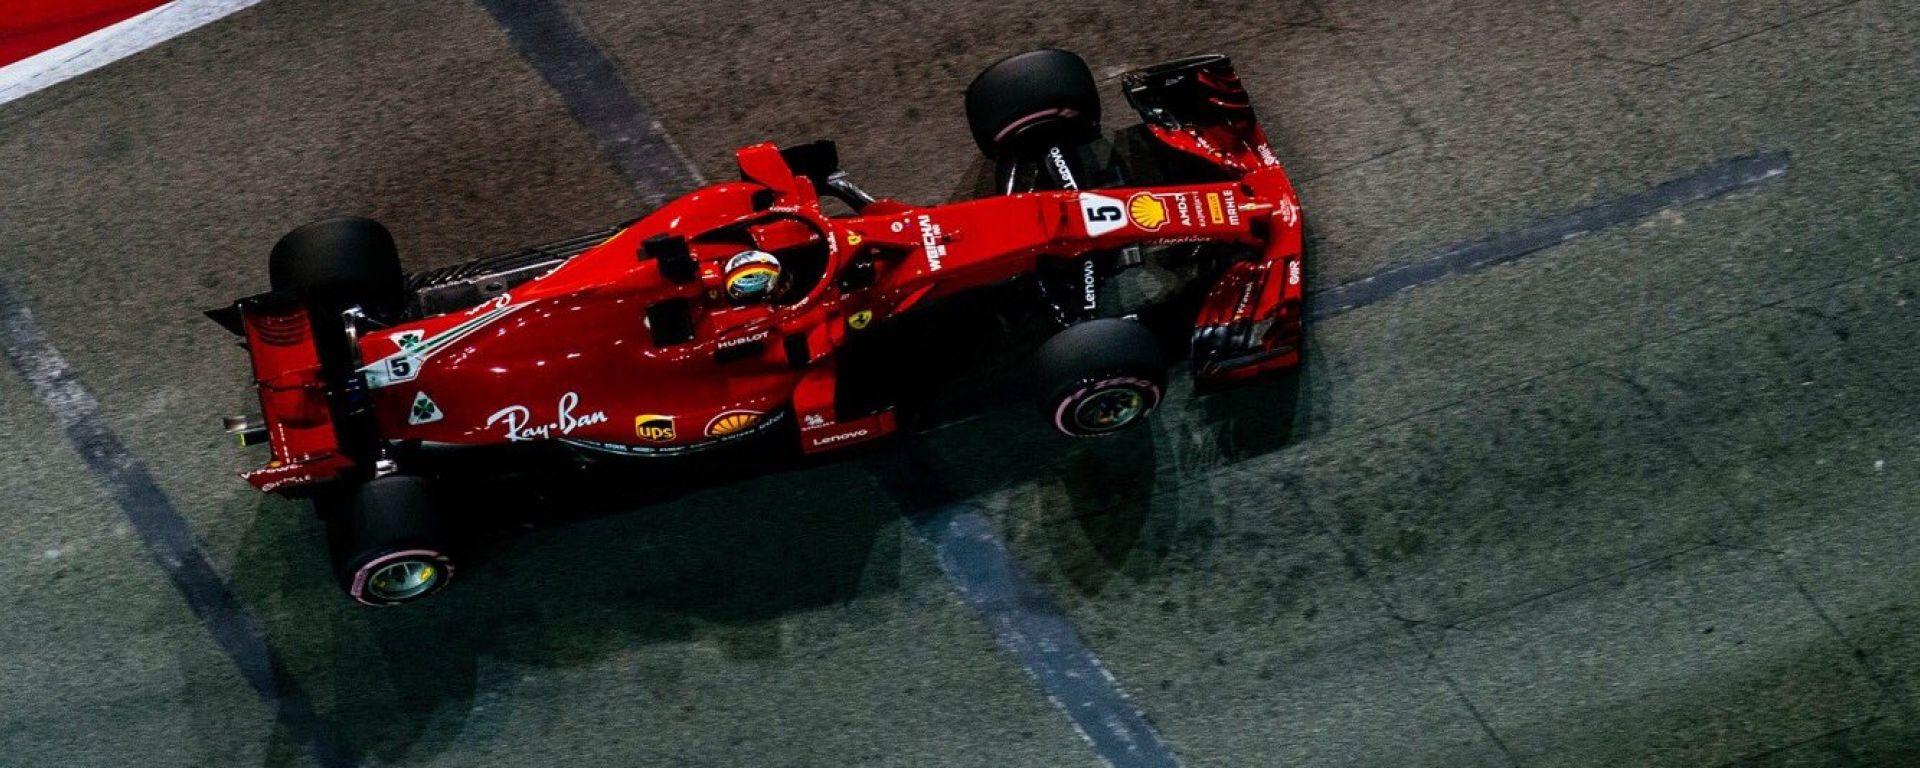 GP Singapore 2018, FP3, Sebastian Vettel in azione con la sua Ferrari